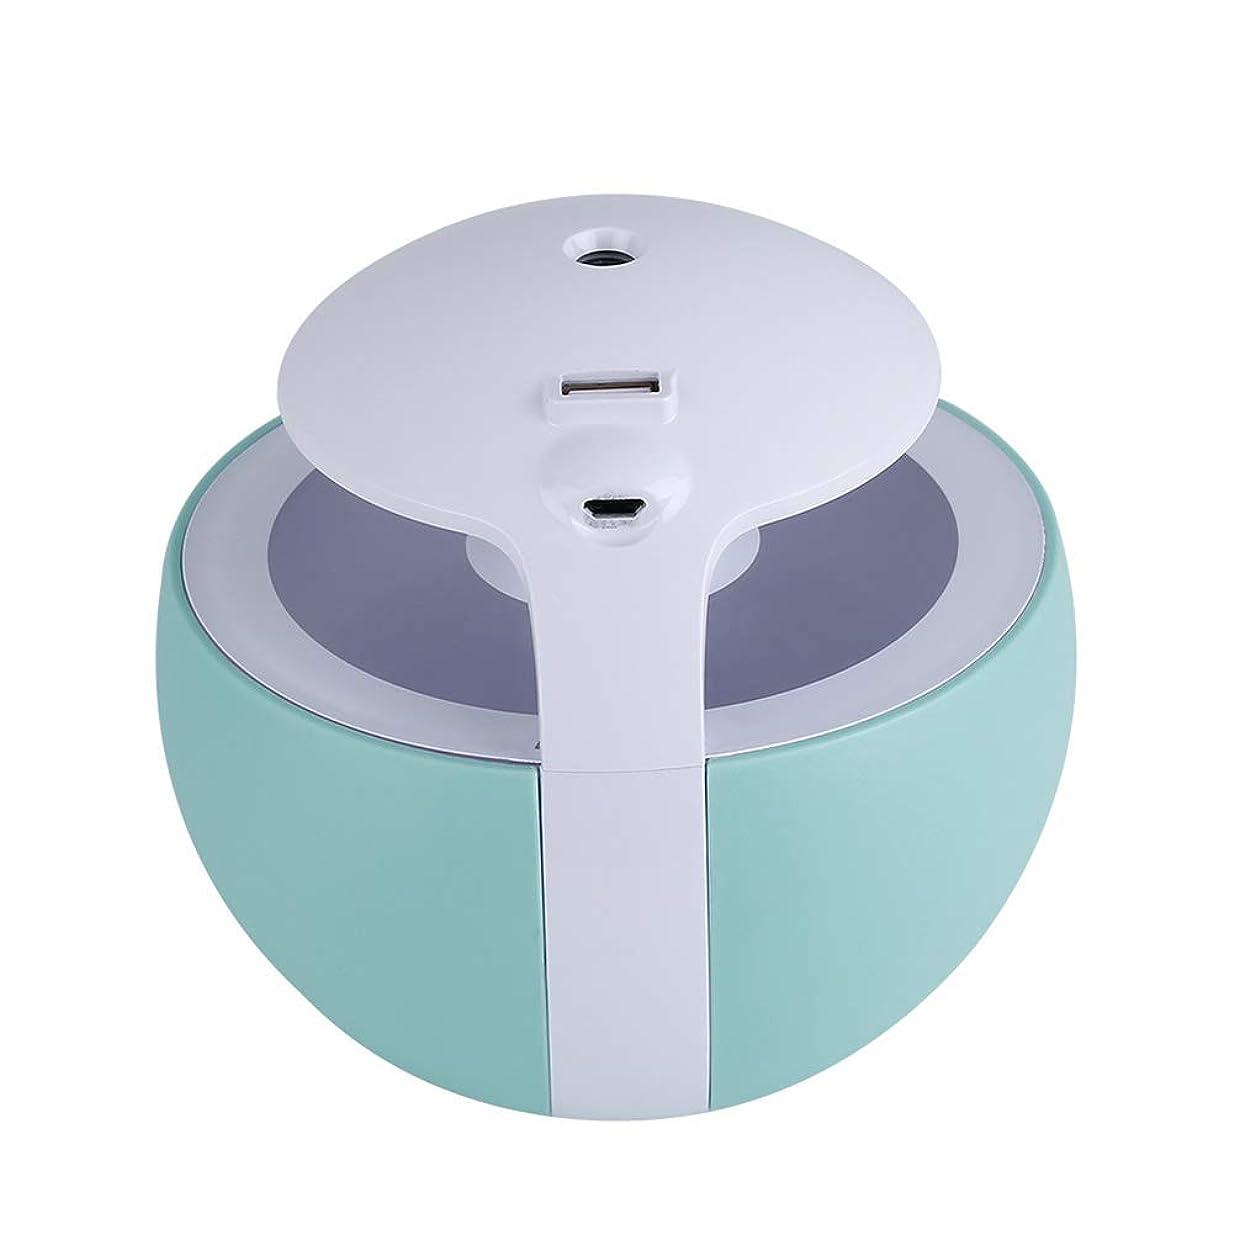 ワイン眠り一貫したナイトエルフ加湿器多機能USB小型ライト小型ファンホームデスクトップエアコンルーム加湿,Blue